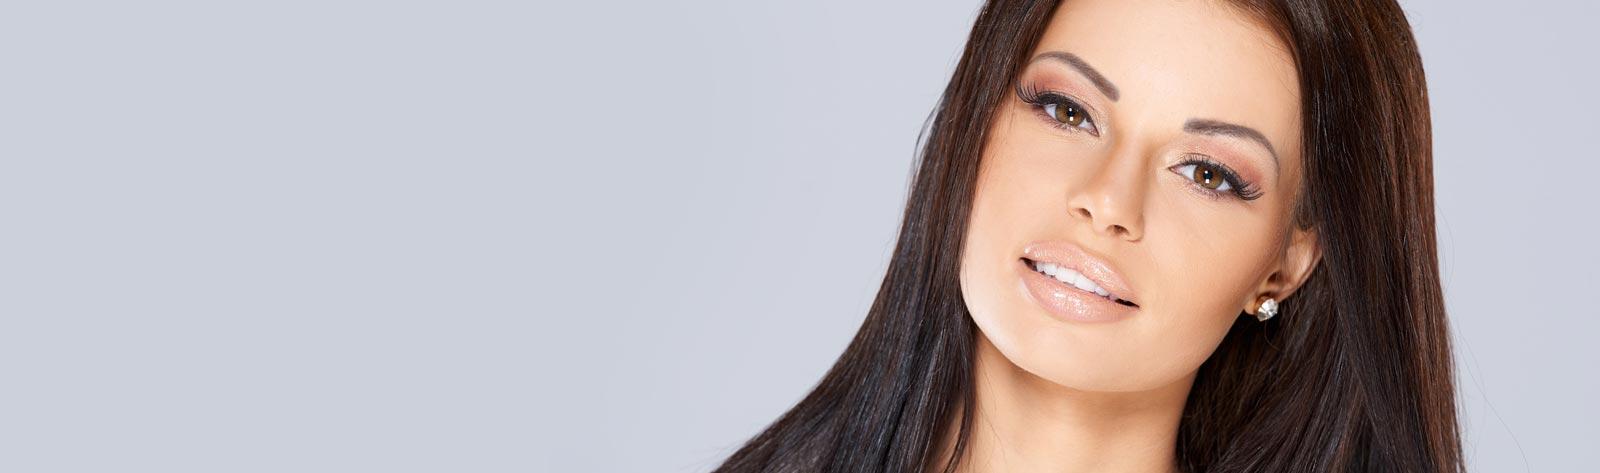 Plastyka nosa – które części nosa mogą zostać skorygowane podczas zabiegu?